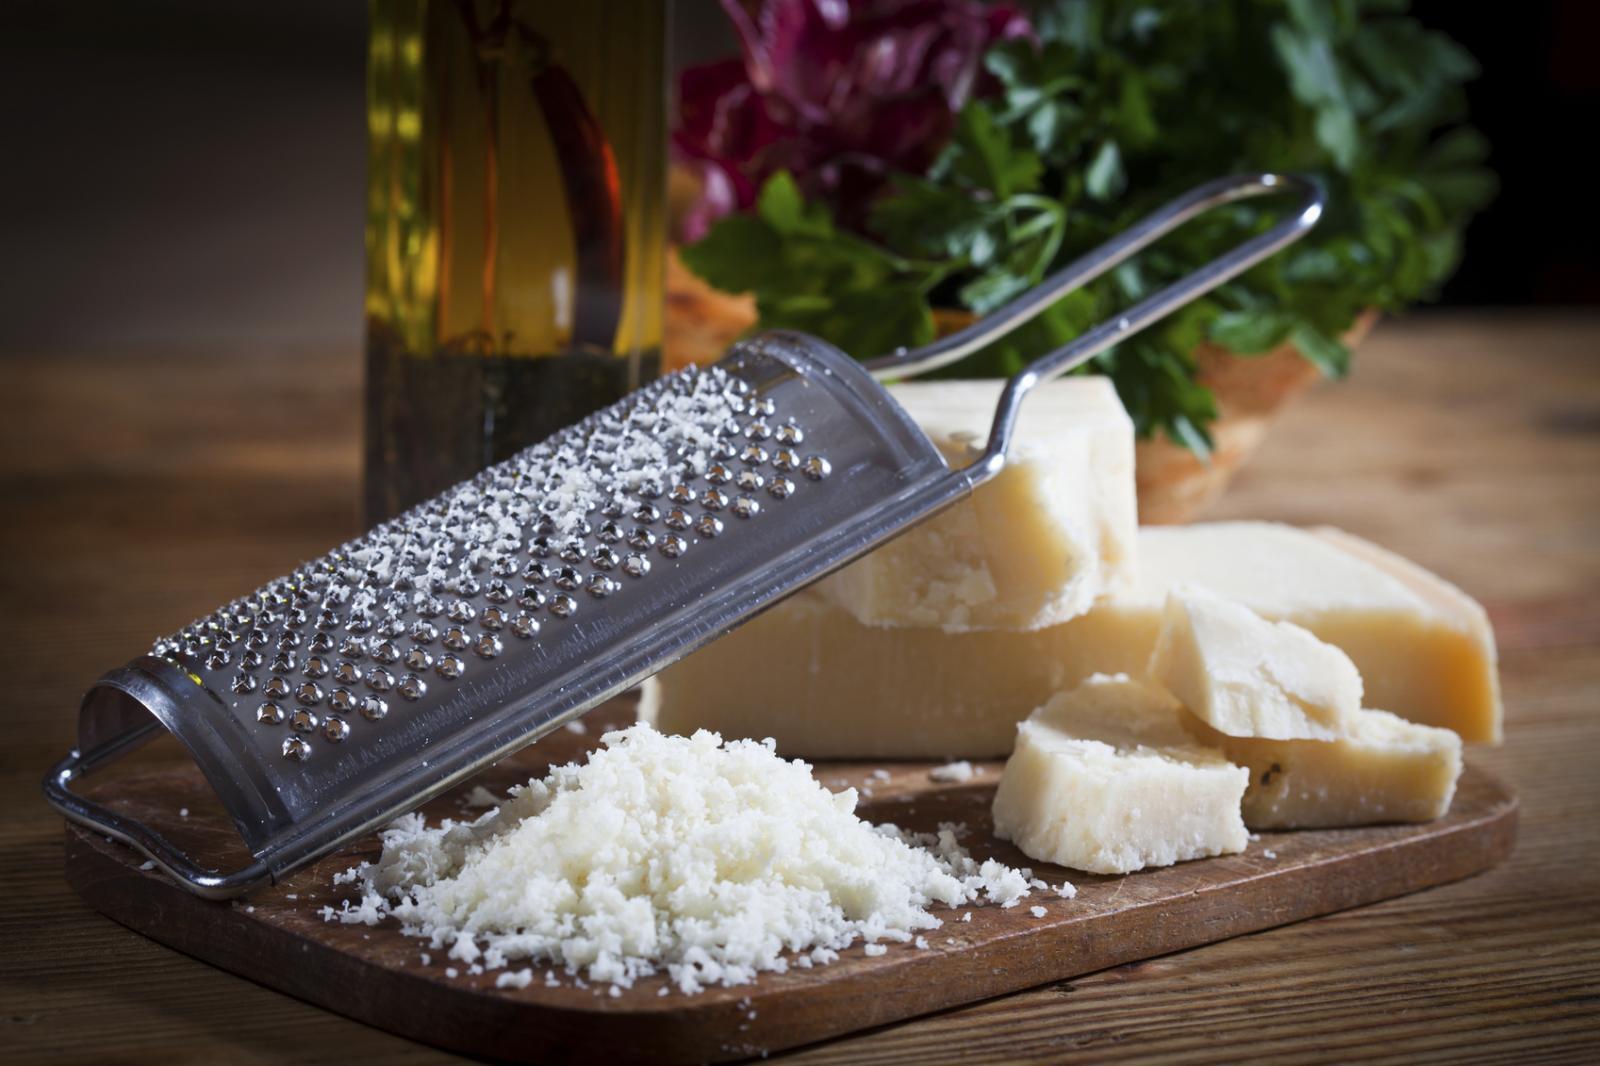 Vrlo rijetko je parmezan koji smo kupili uistinu samo taj ukusan sir.